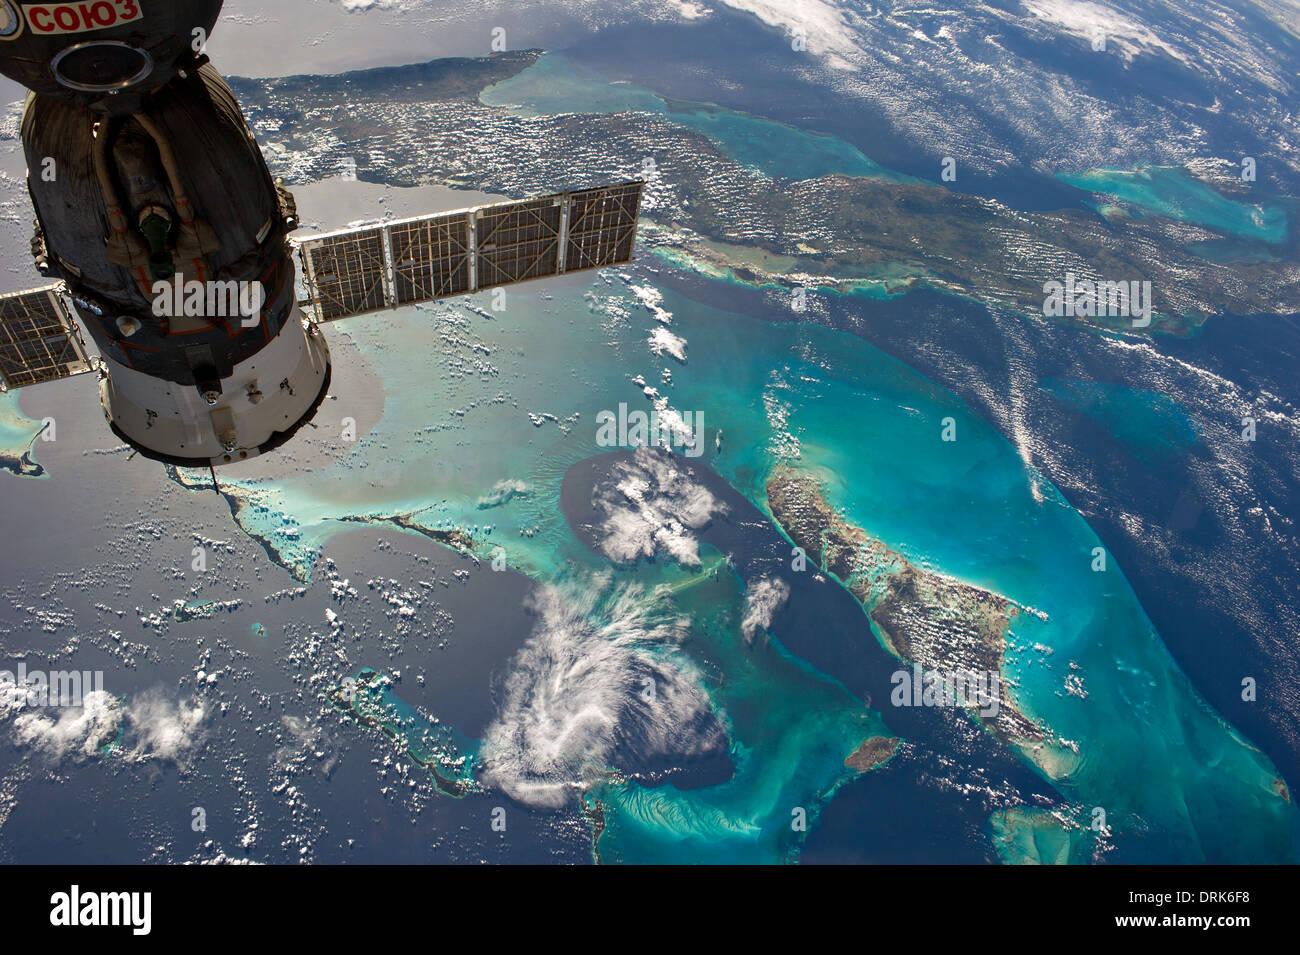 Vista dalla Stazione Spaziale Internazionale dei Caraibi che mostra Cuba e Andros isola in Bahamas incorniciato da ancorate veicolo spaziale Soyuz Dicembre 23, 2013. Immagini Stock